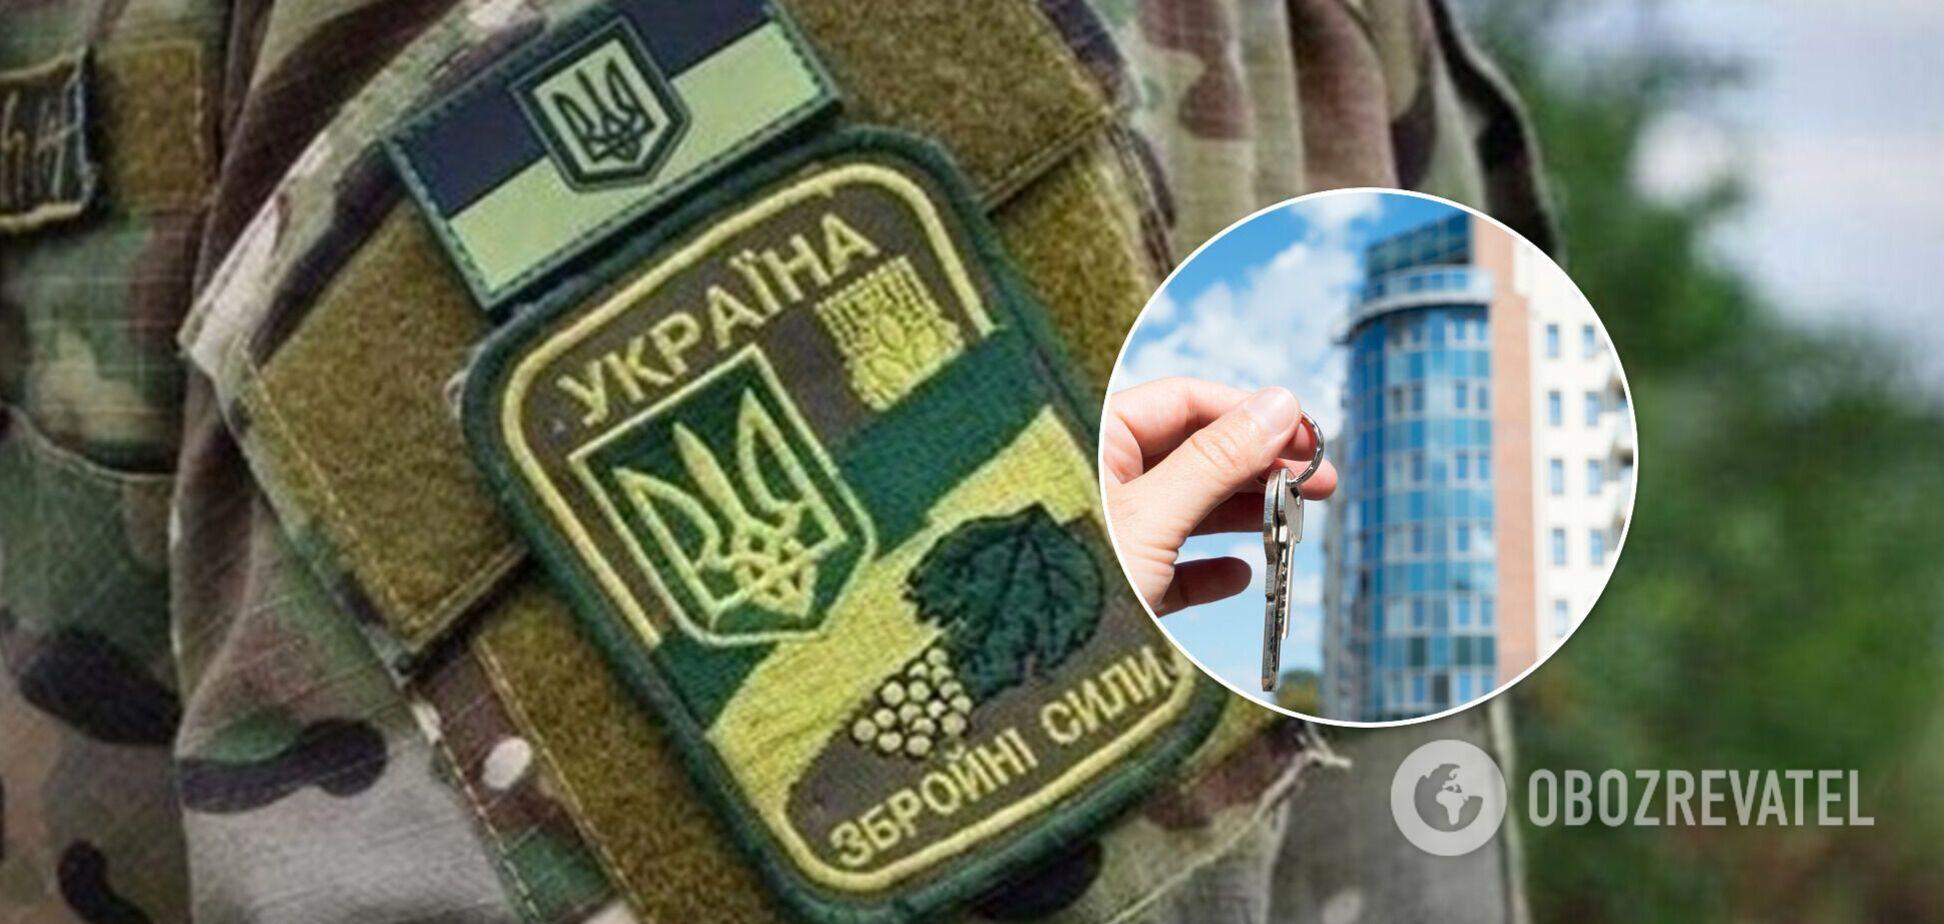 Ветераны и семьи погибших на Донбассе воинов получат жилье: Зеленский подписал указ